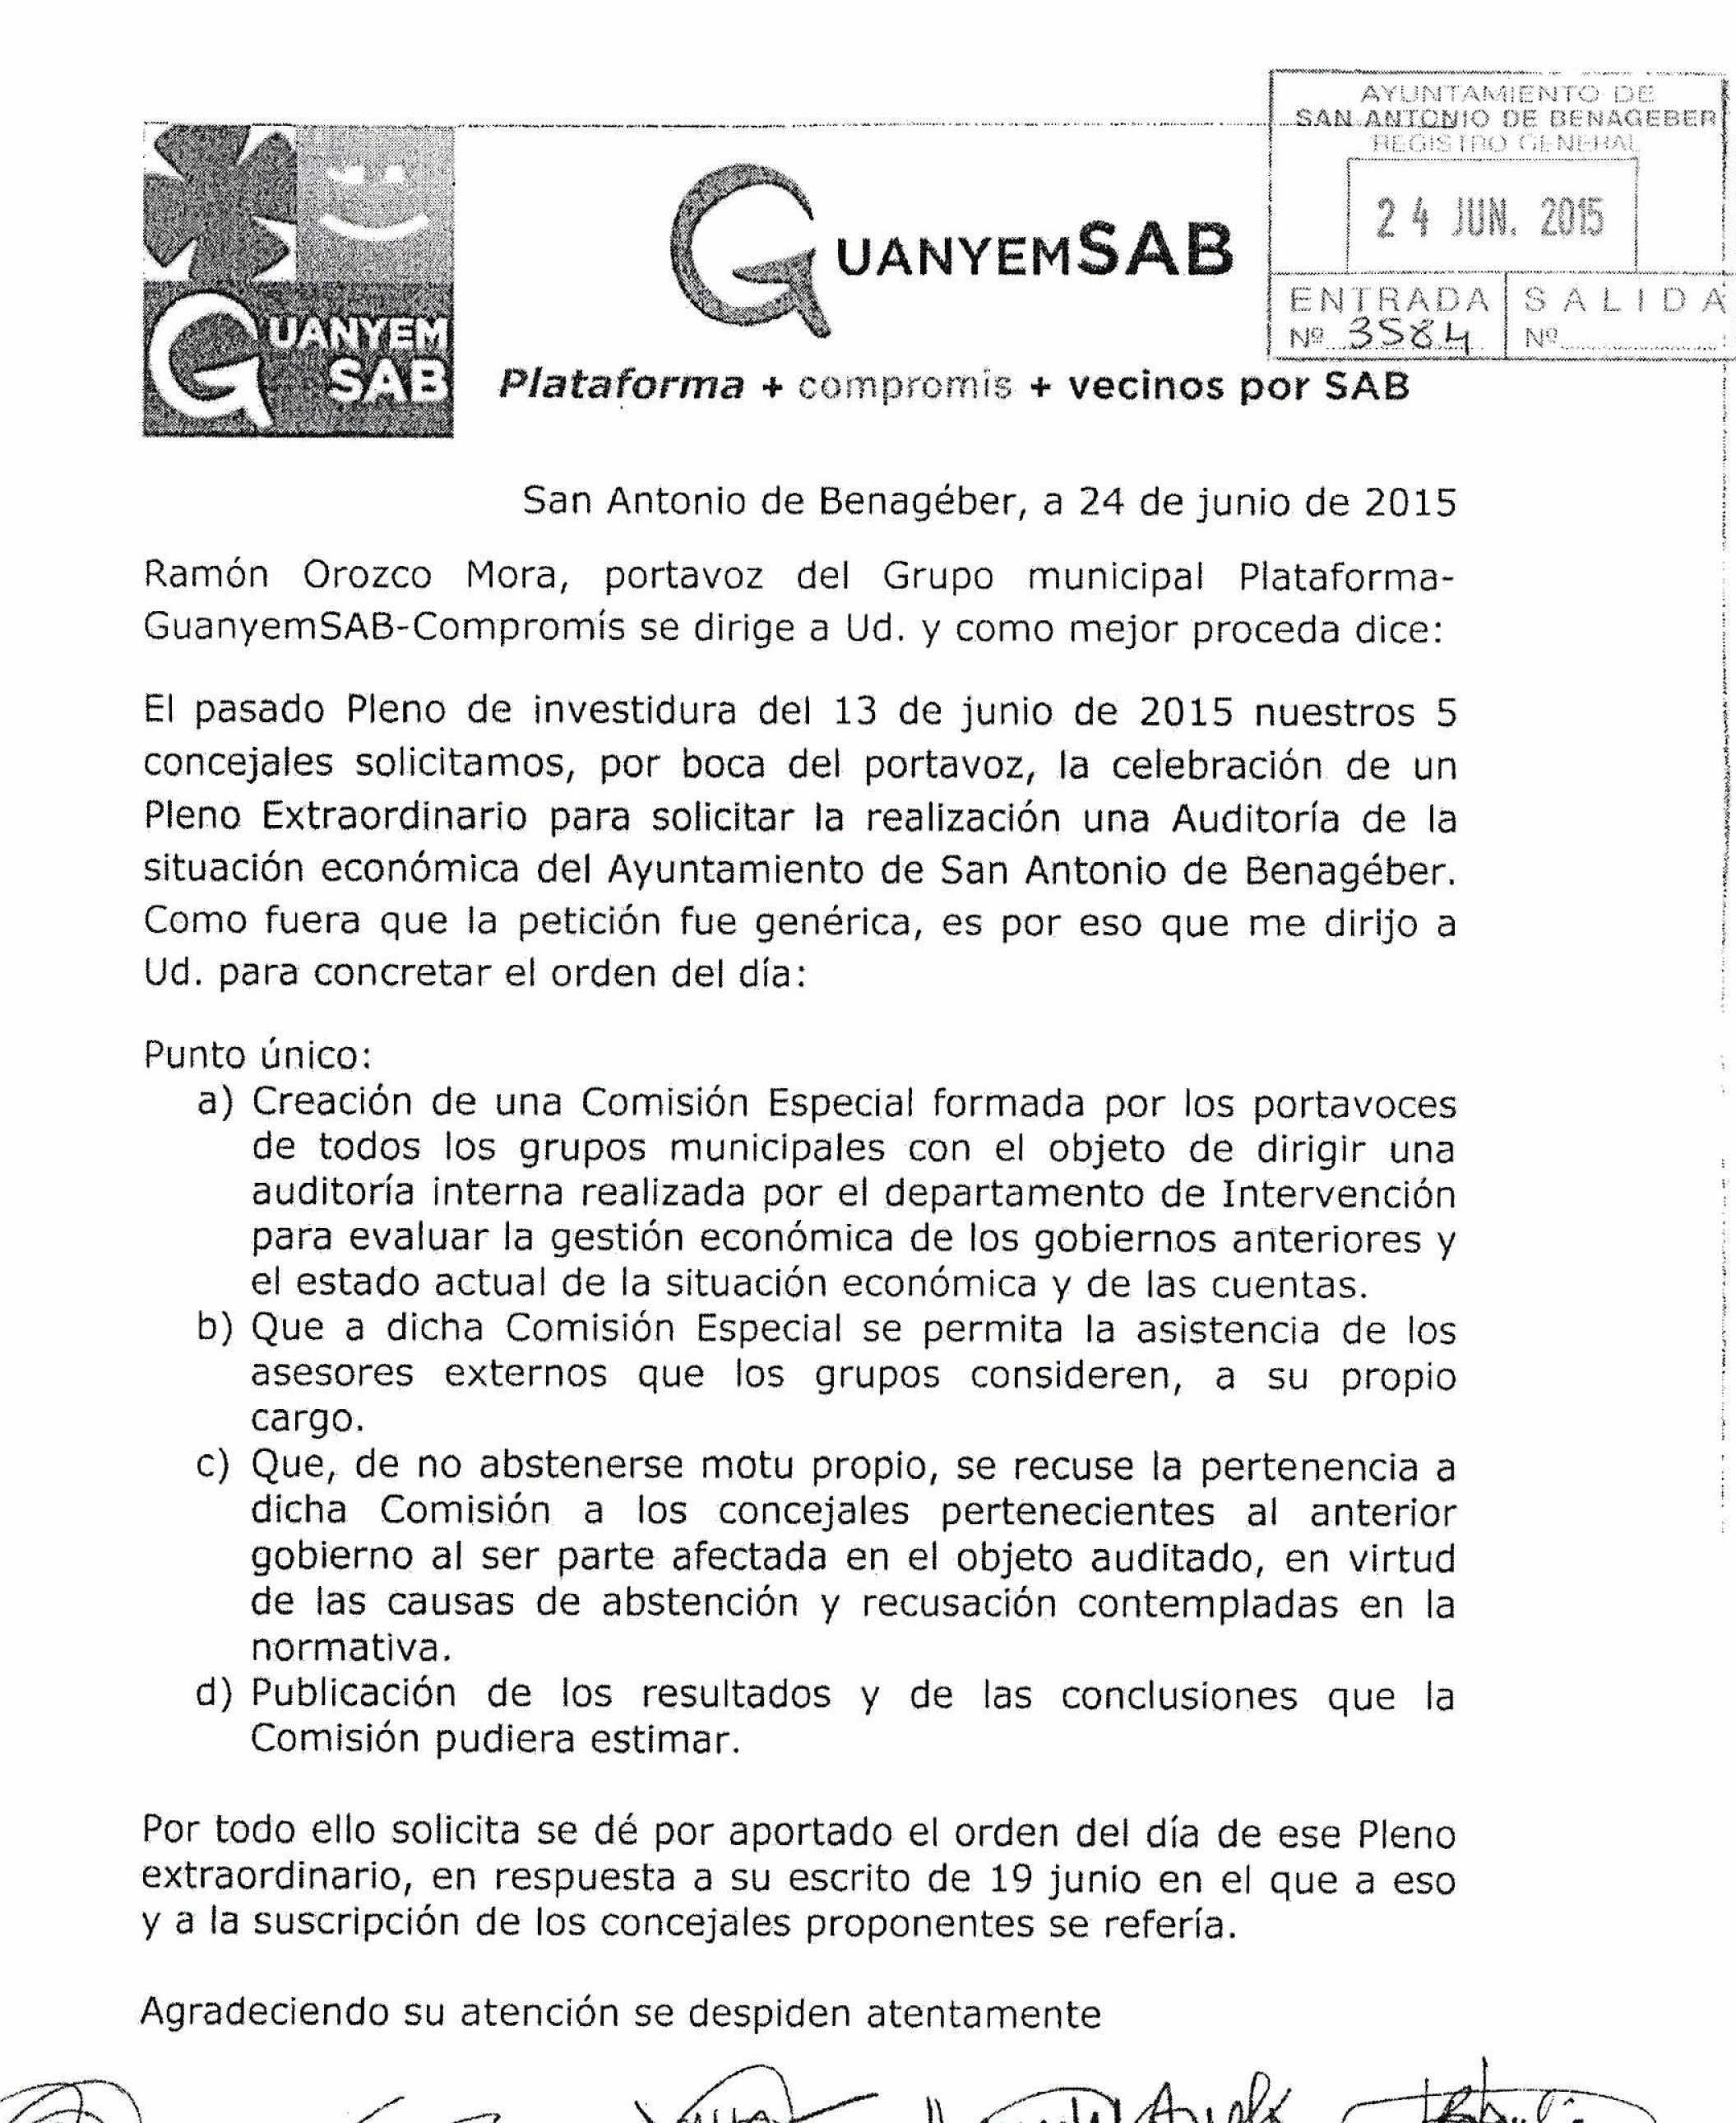 PETICIÓN GUANYEMSAB PLENO EXTRAORDINARIO AUDITORÍA INTERNA